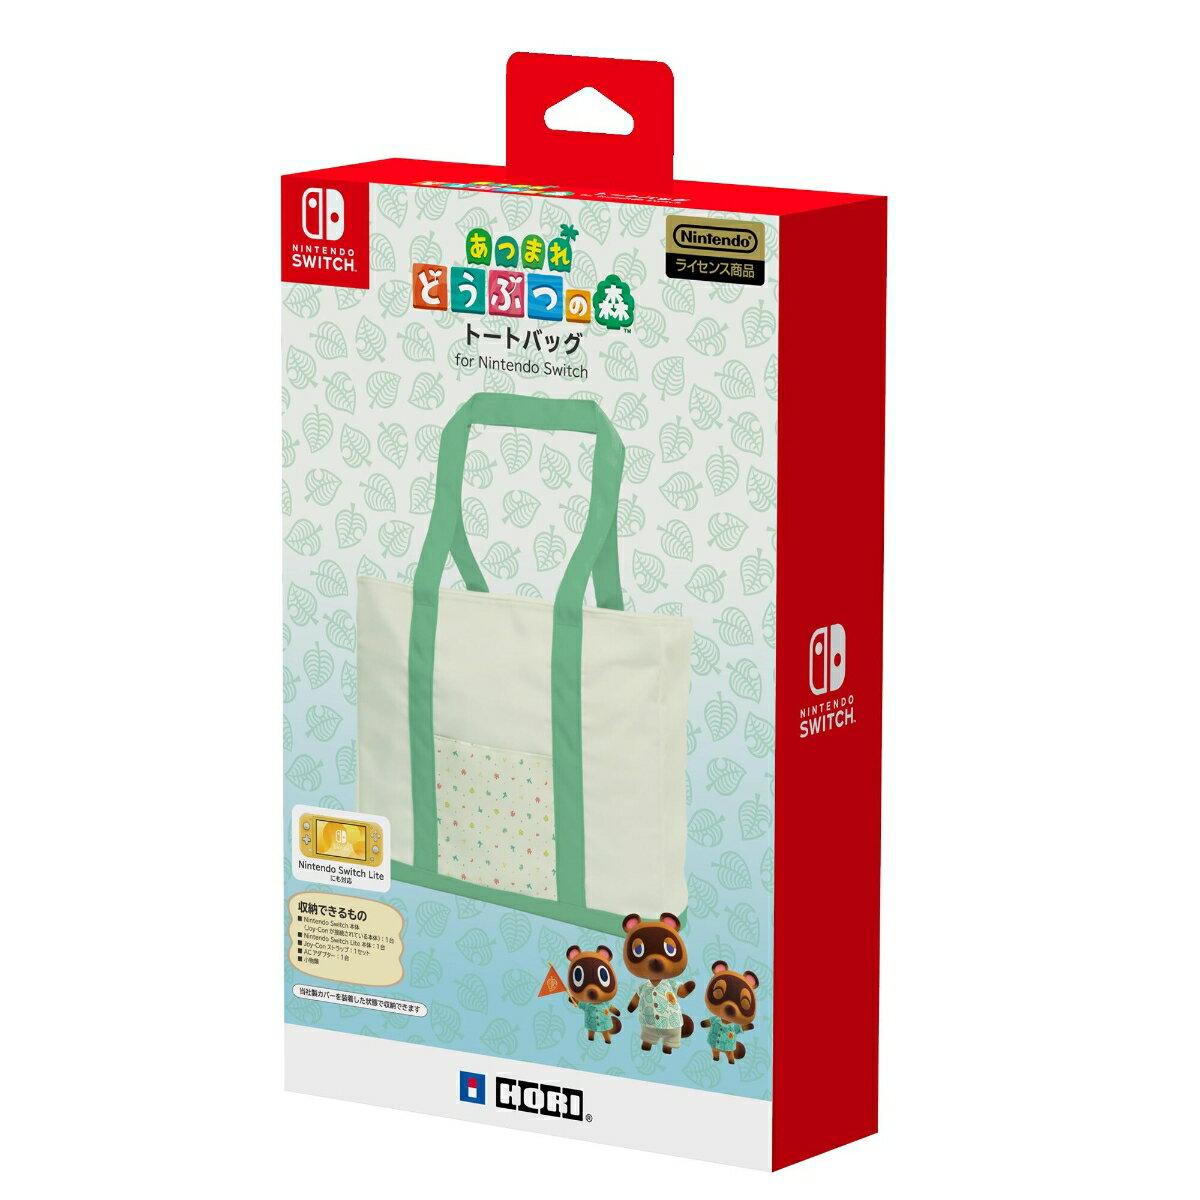 あつまれどうぶつの森 トートバック for Nintendo Switch/Nintendo Switch Lite